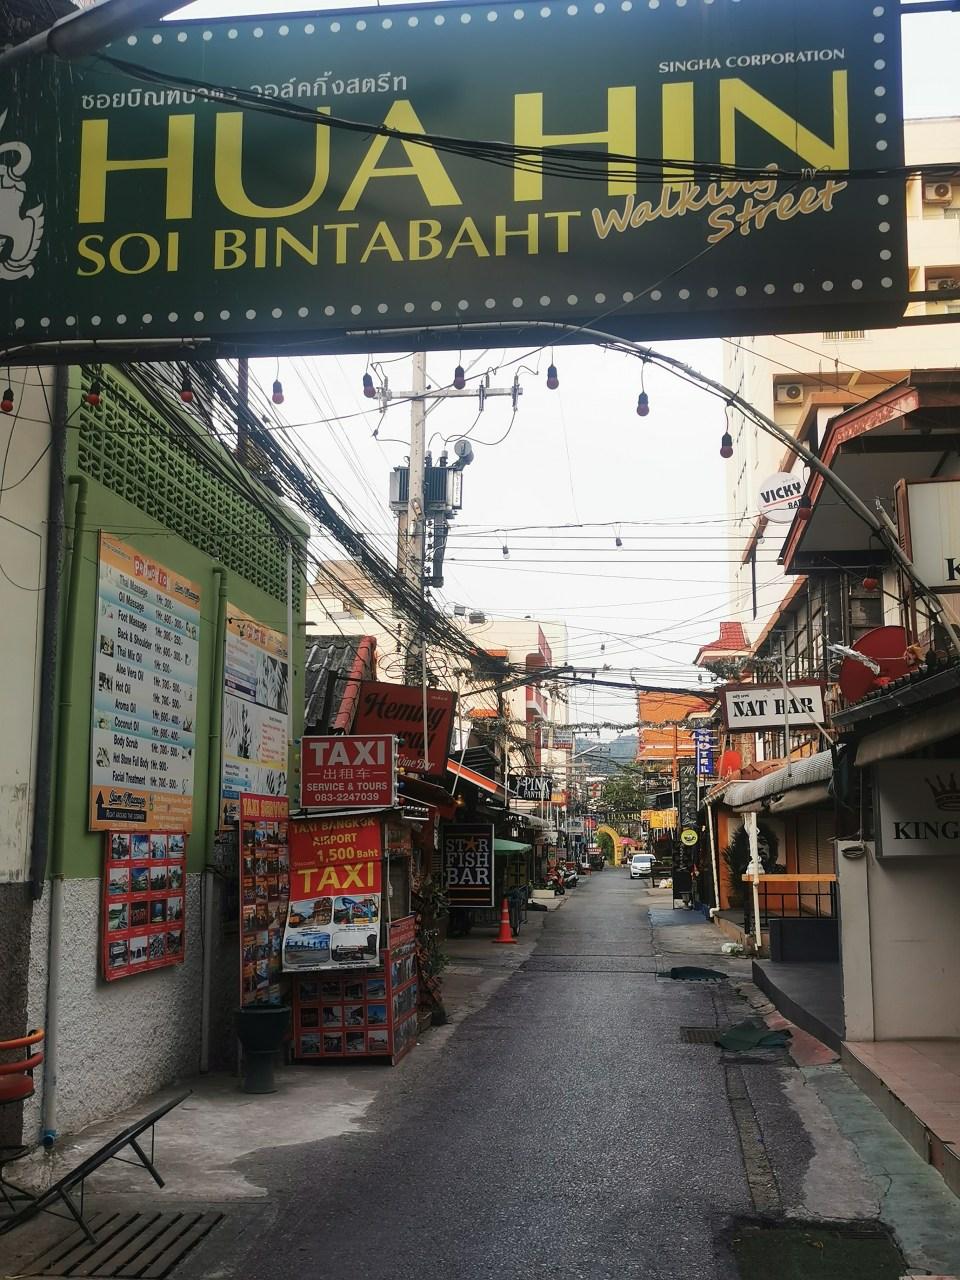 The bar street in Hua Hin